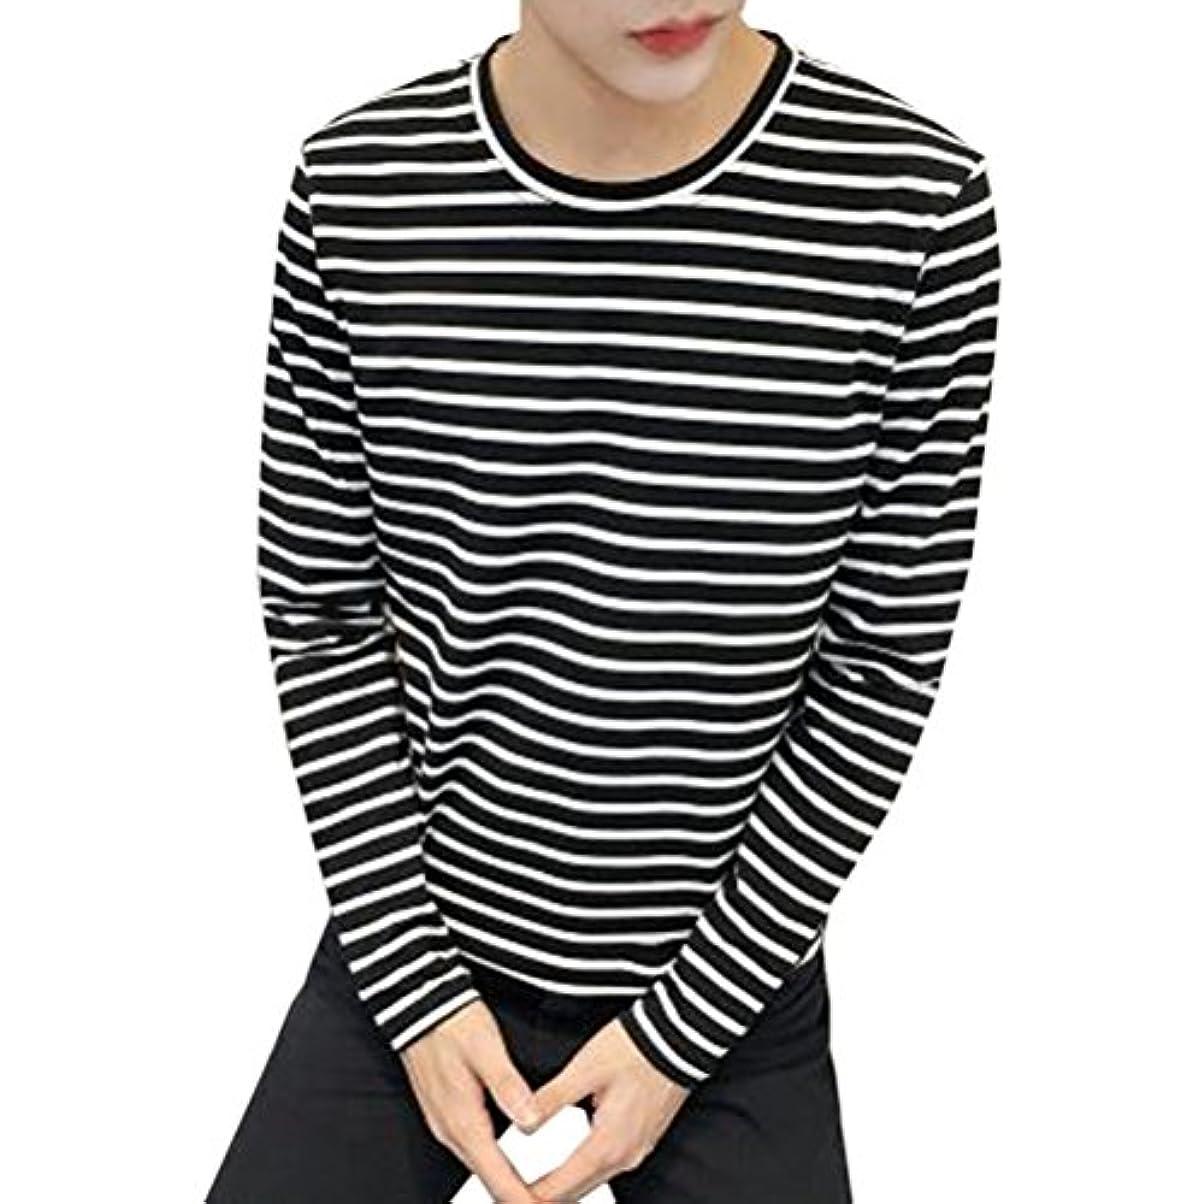 踊り子ナイロン完璧な輝姫 ブラウス メンズ  長袖  シャツ 横縞 ラウンドネック Tシャツ 秋春 ファッション 通学 通勤 カジュアル (4XL, ブラック)